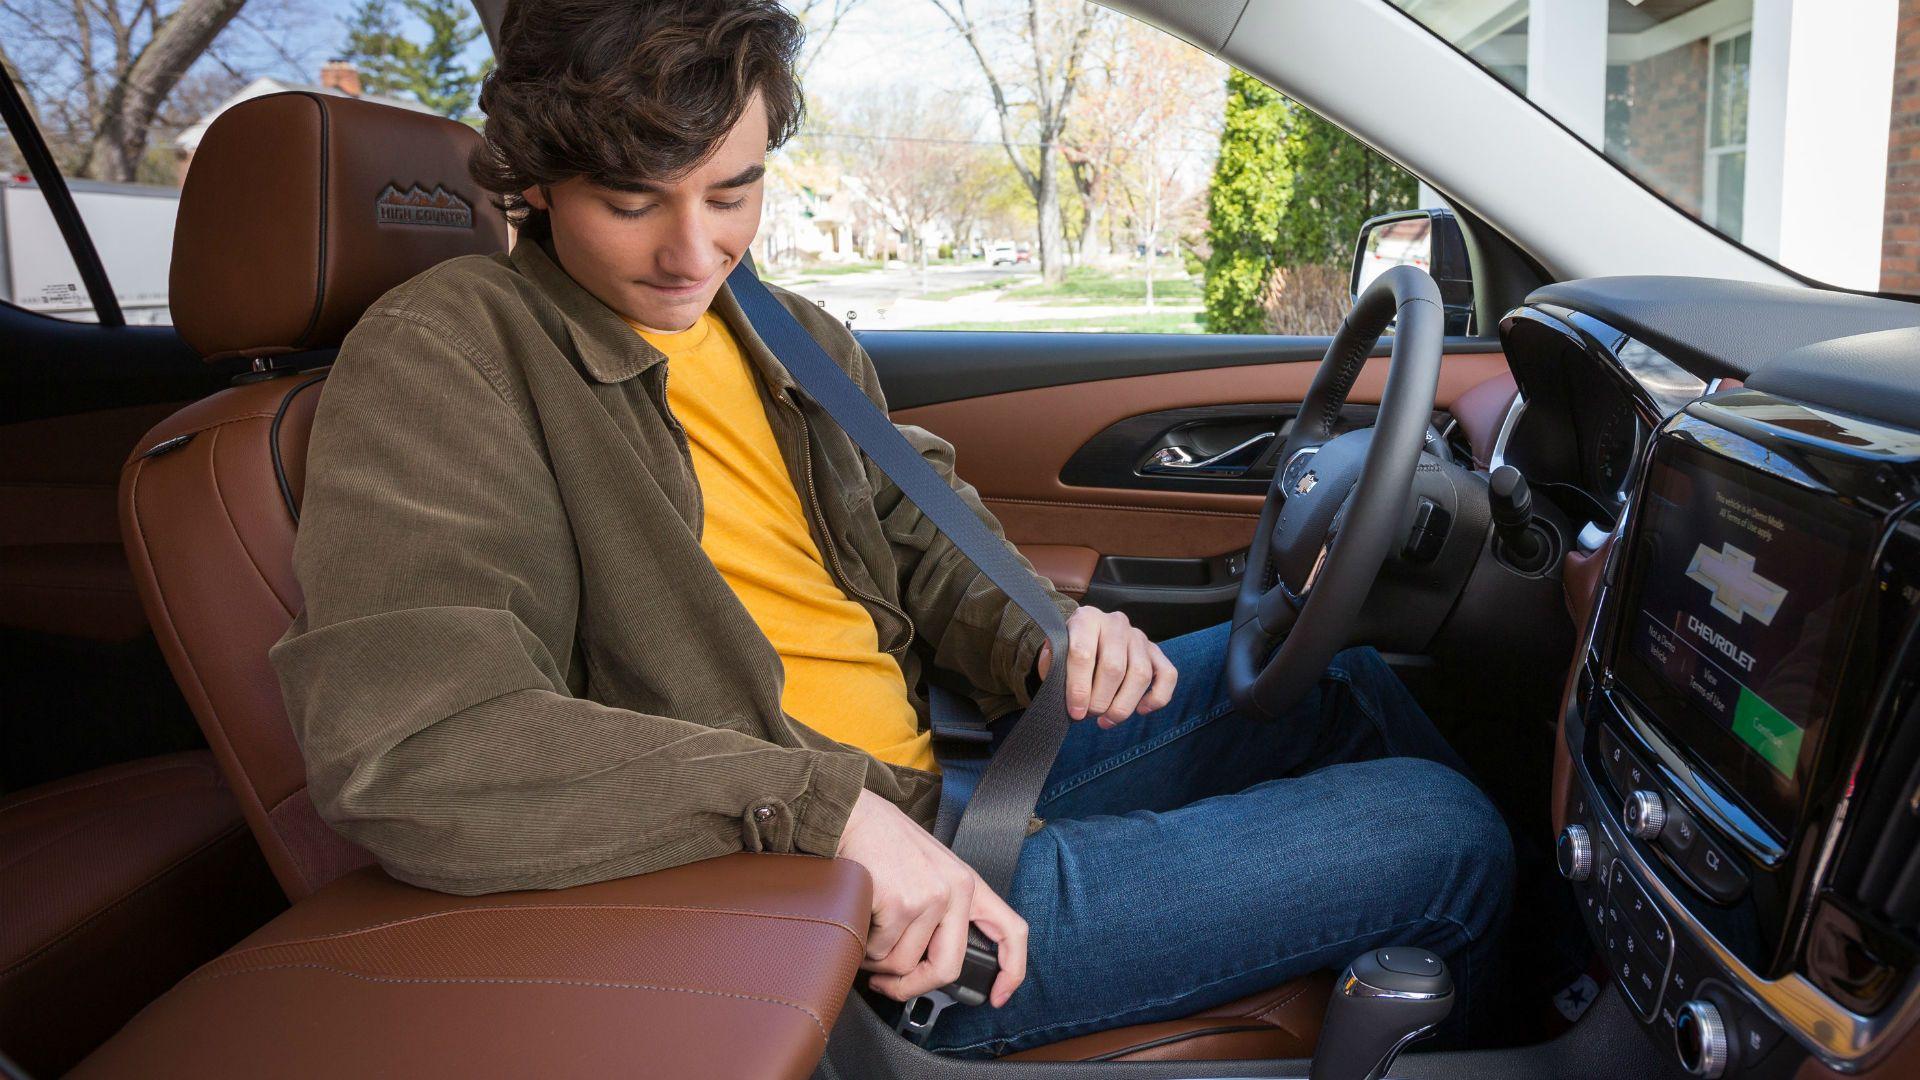 La seguridad de tu auto viejo depende de ti